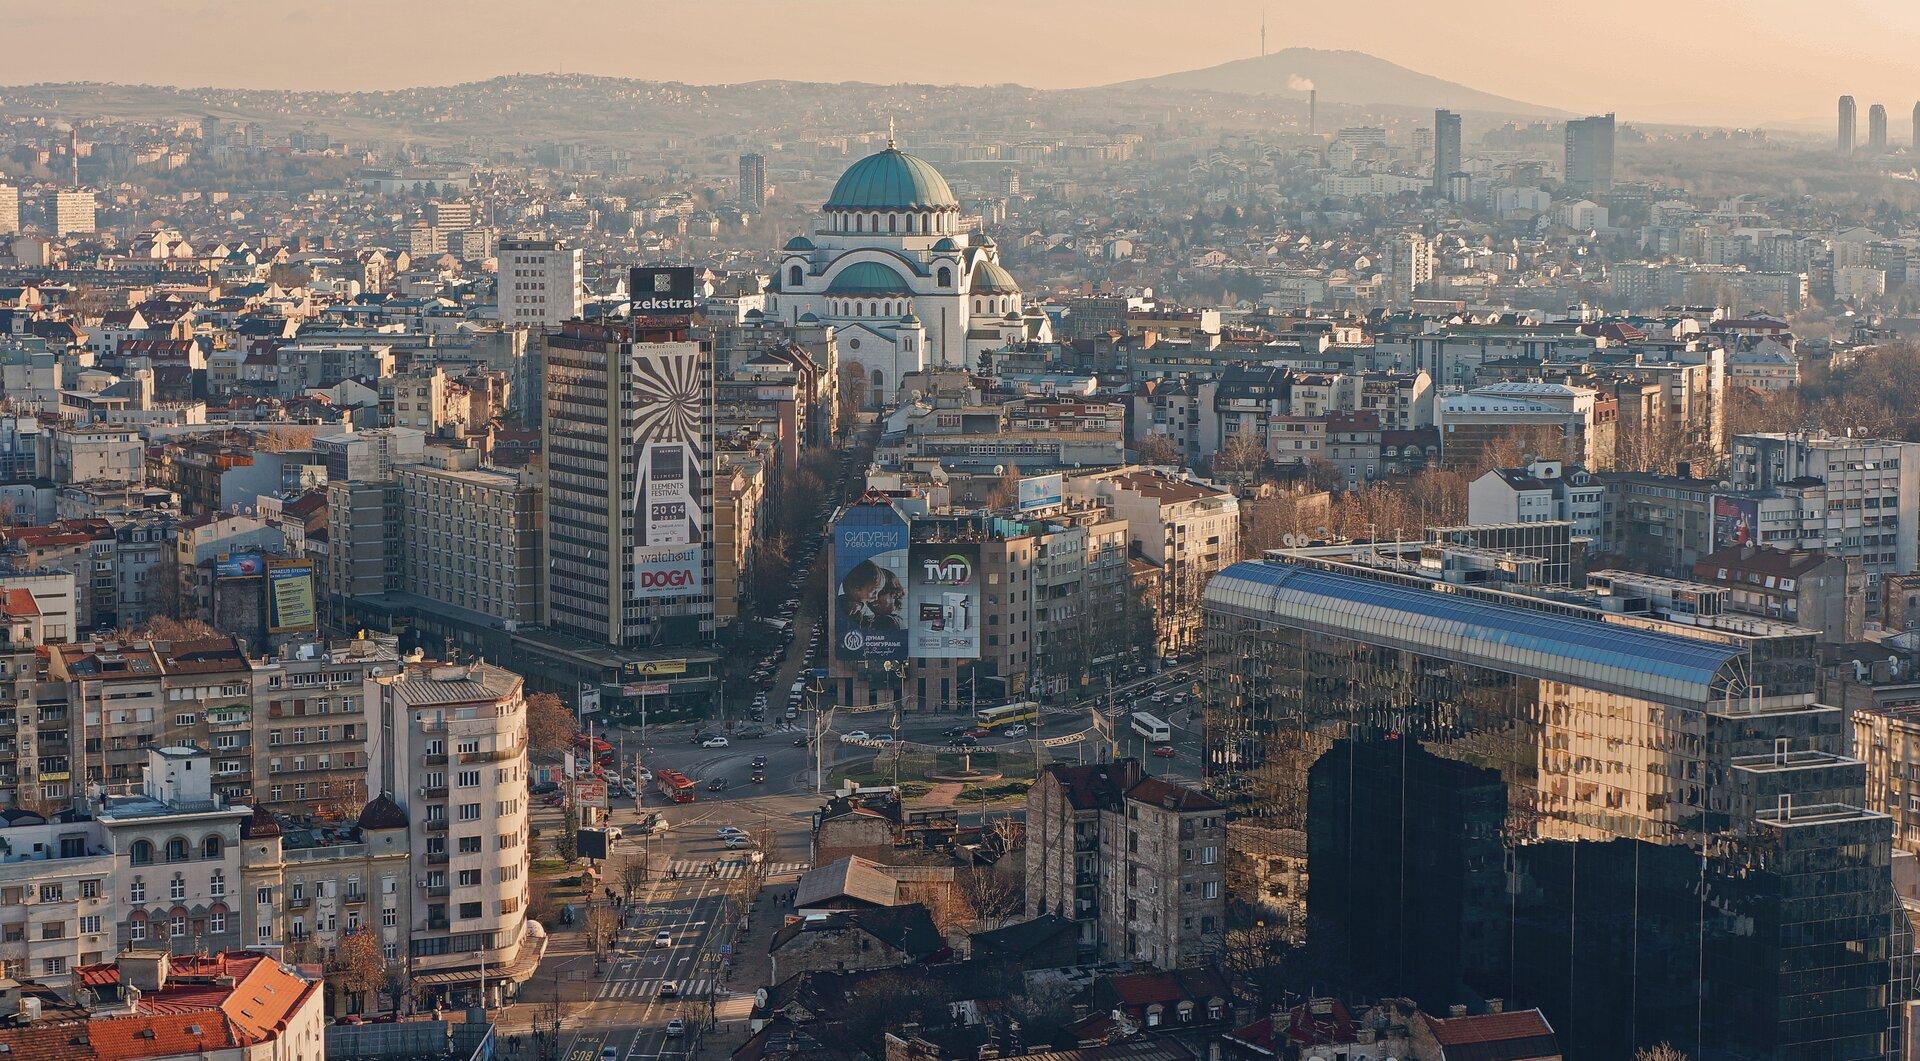 Na zdjęciu Belgrad, zwarta zabudowa miejska, budynki ustawione bardzo gęsto, środkiem przebiega ulica, rondo. Wtle szczyt góry.